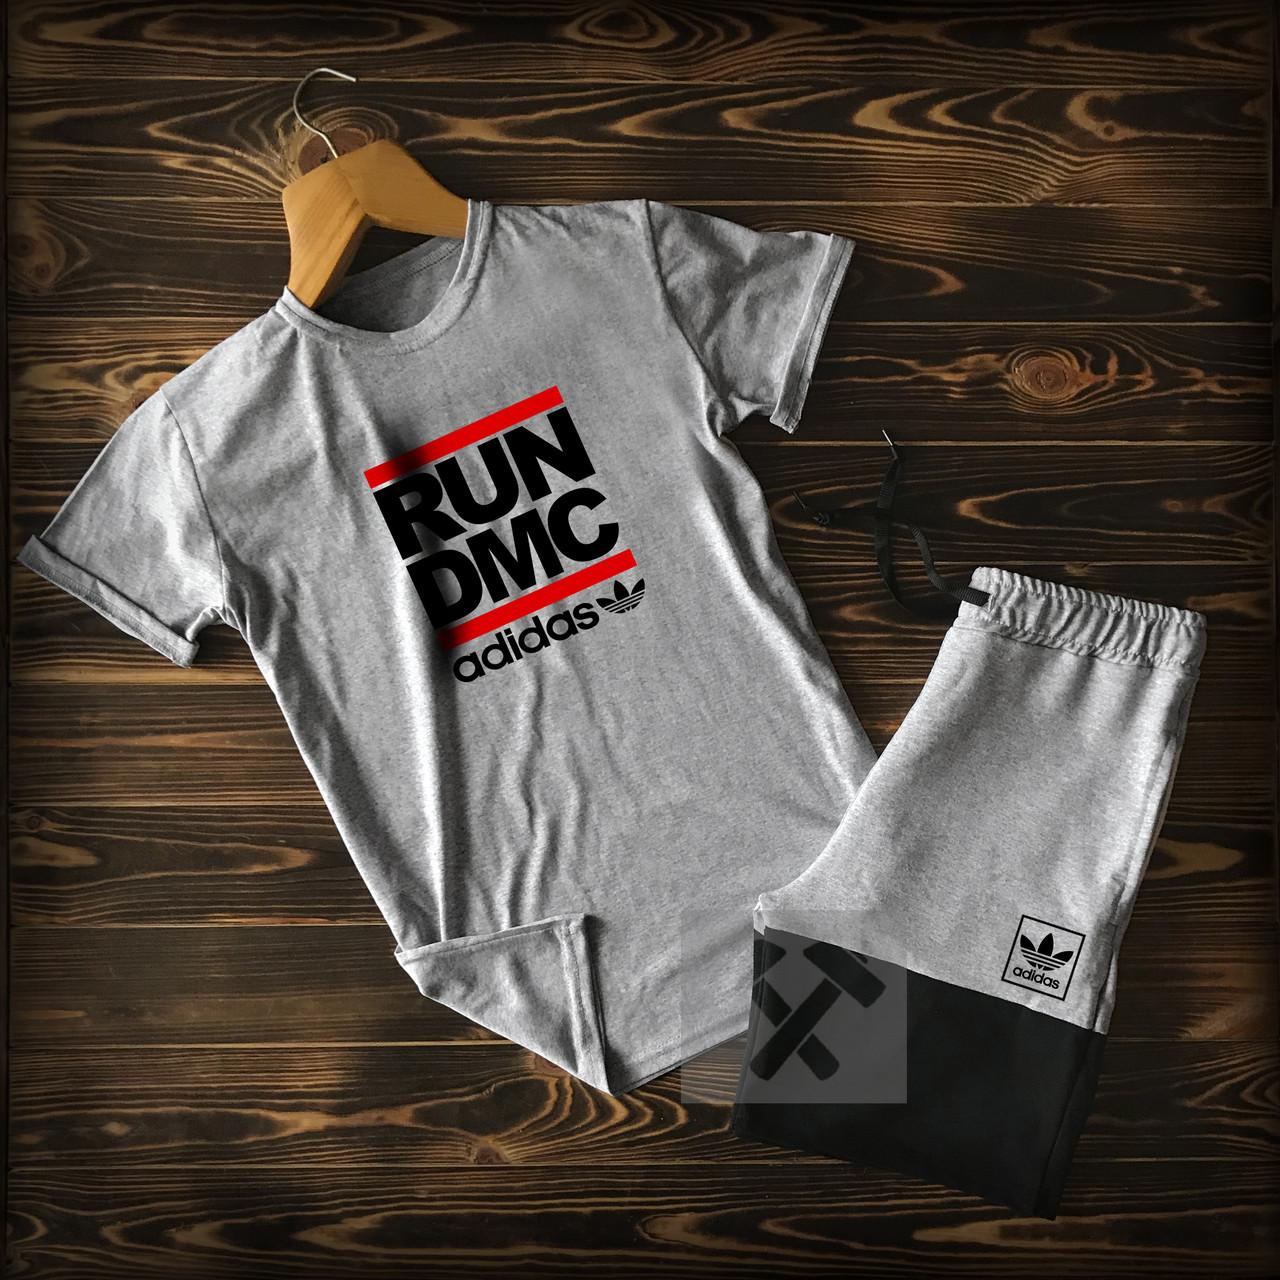 Летний мужской спортивный костюм Adidas (Адидас) шорты и футболка серого цвета